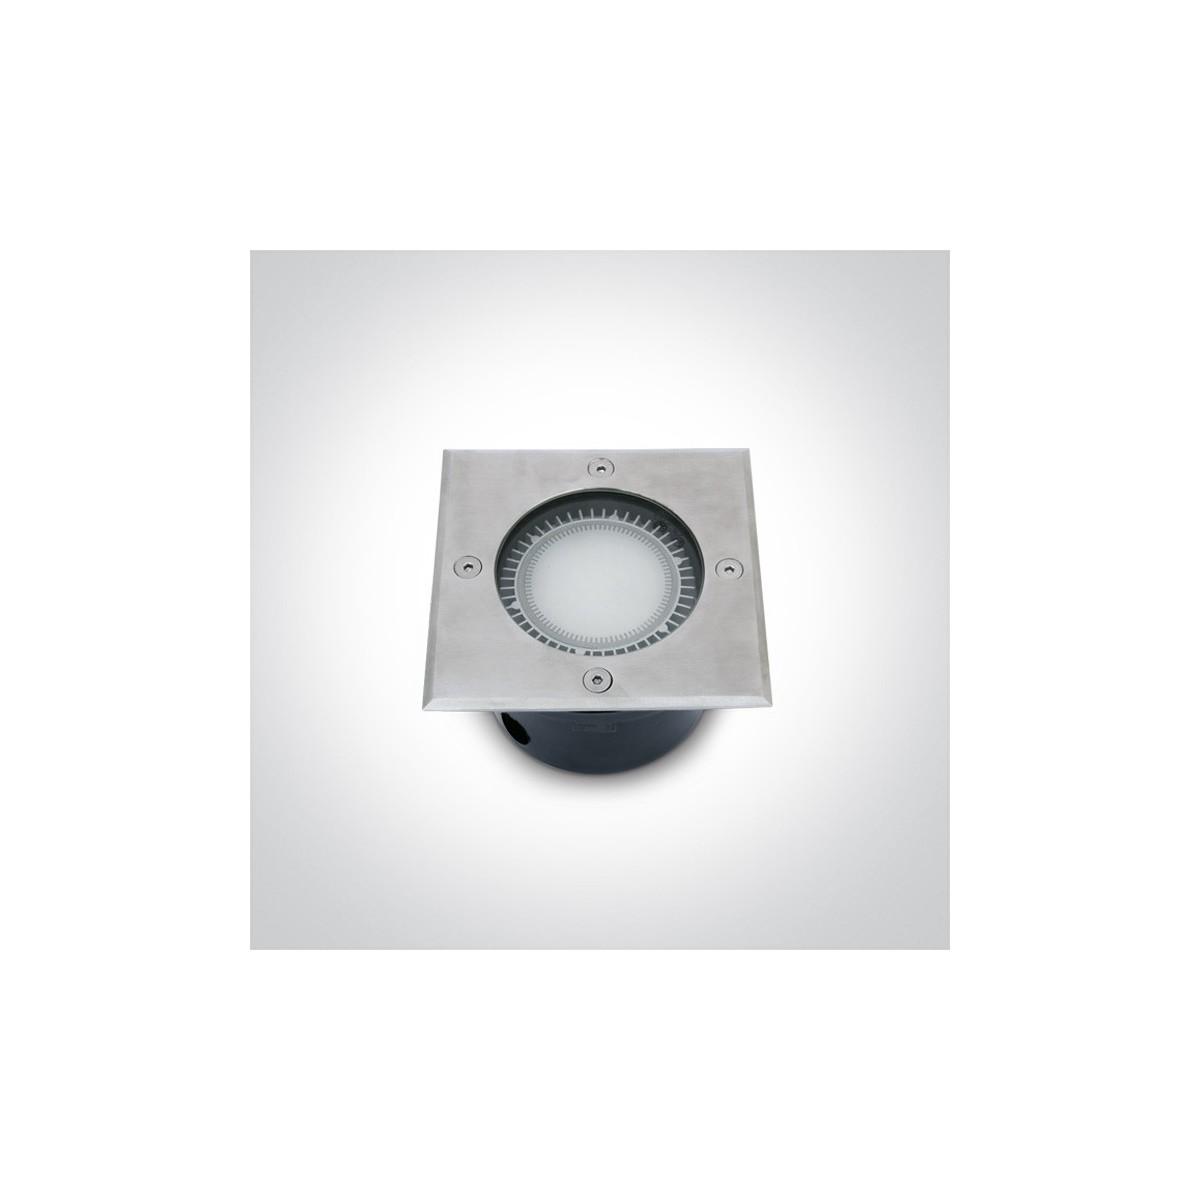 One Light wpust kwadratowy ze stali nierdzewnej Kandalos 69008 IP67